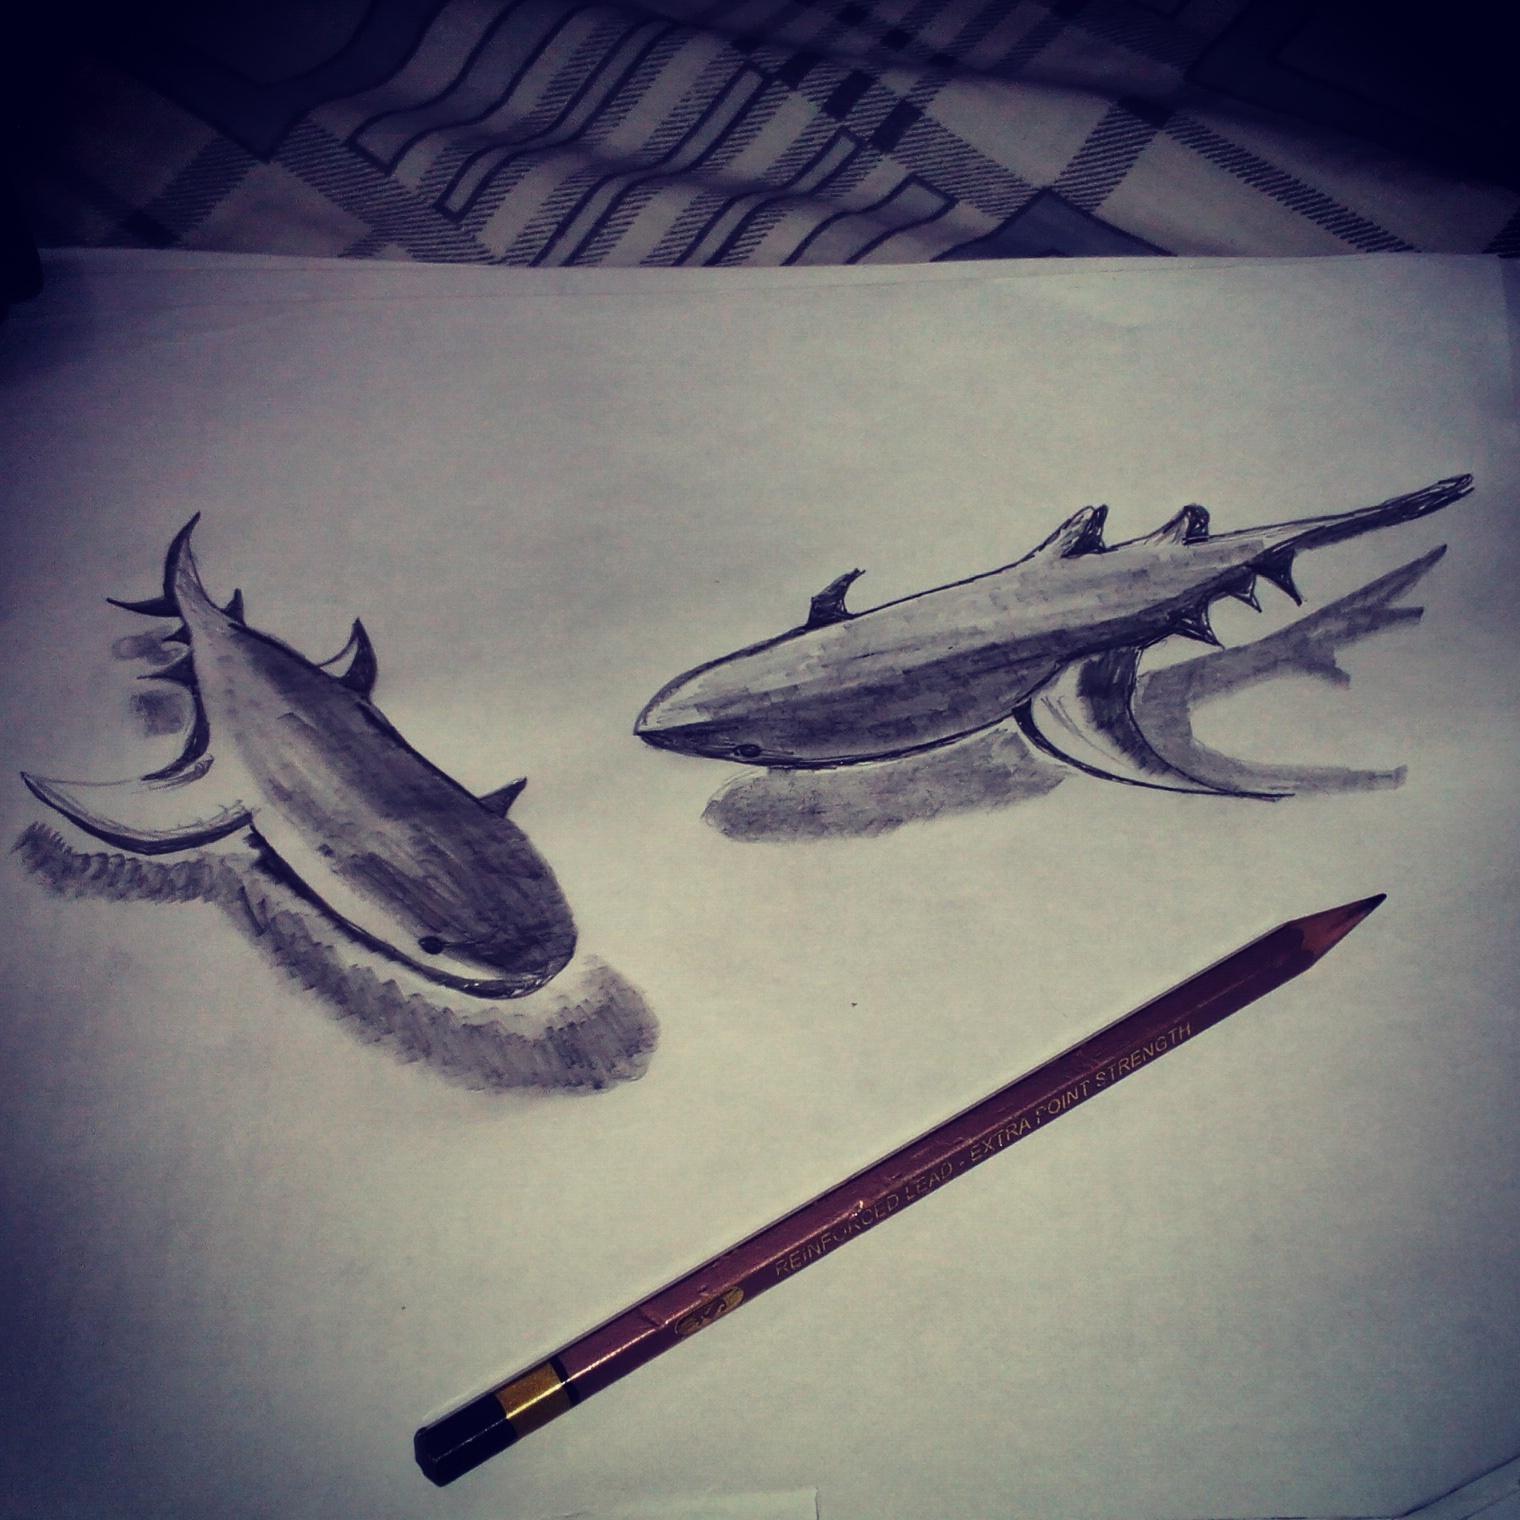 Shark 3d pencil sketch